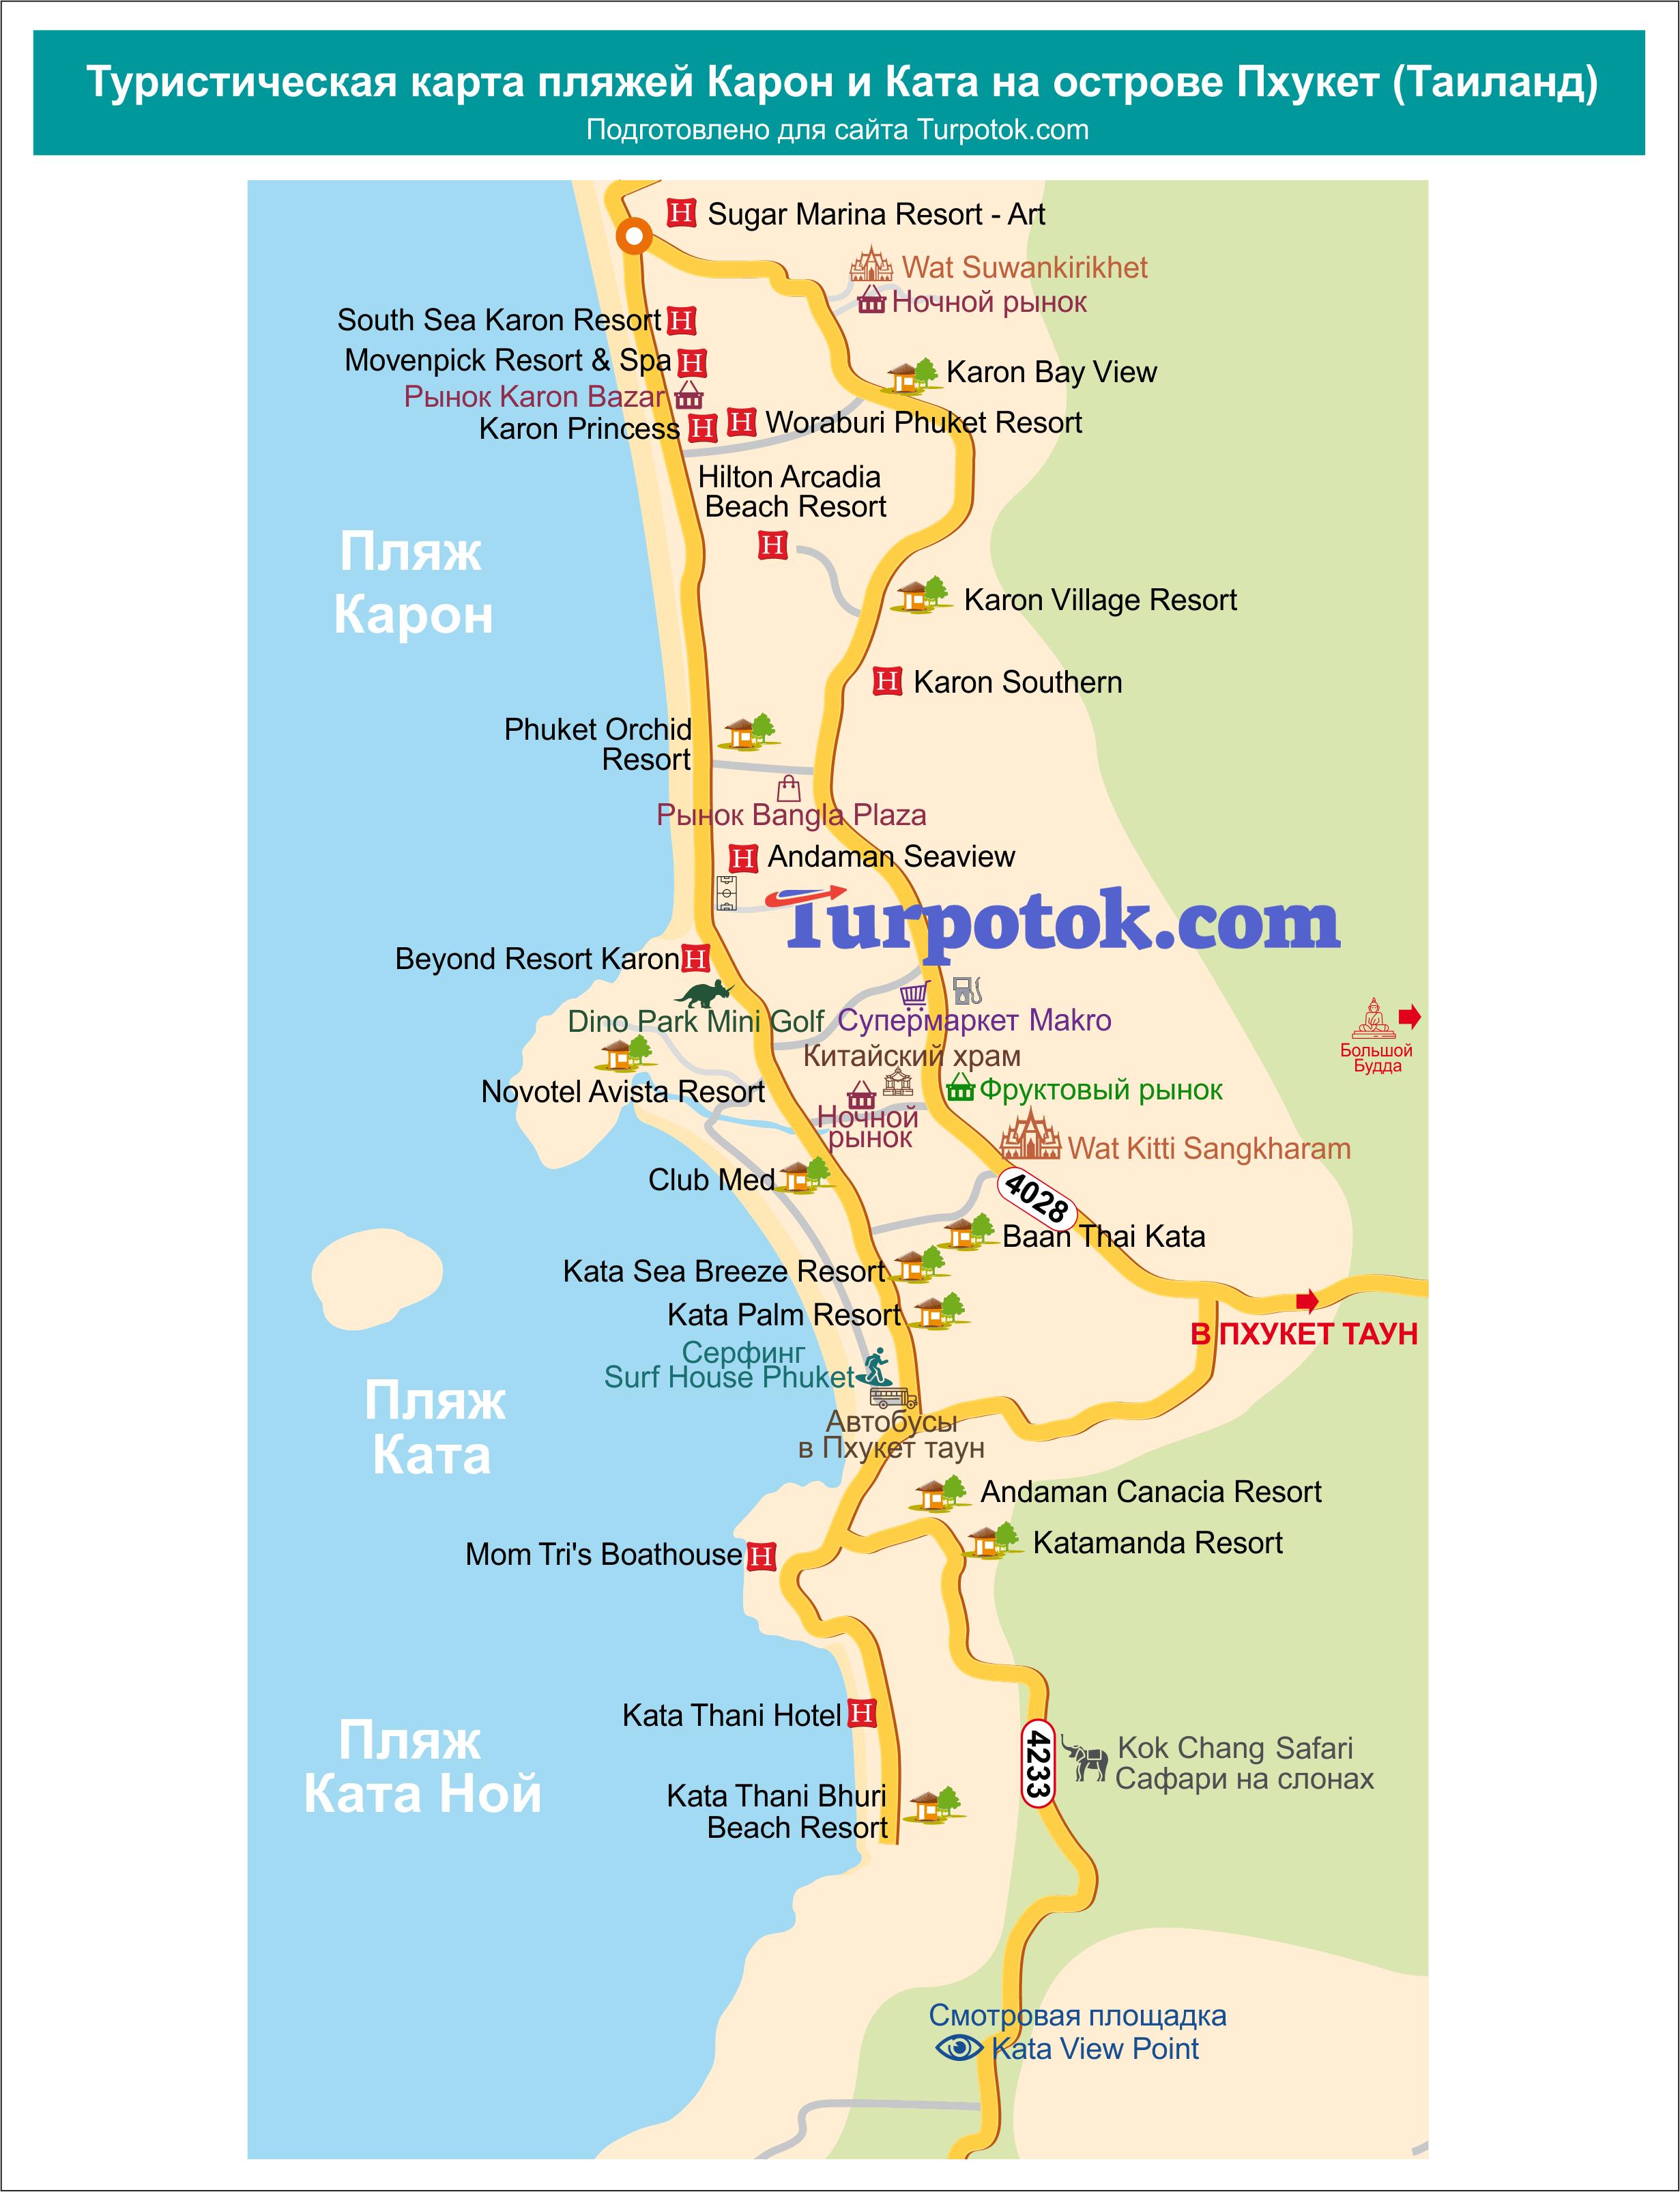 Схема с расположением рынков, храмов и достопримечательностей на Кароне и Кате